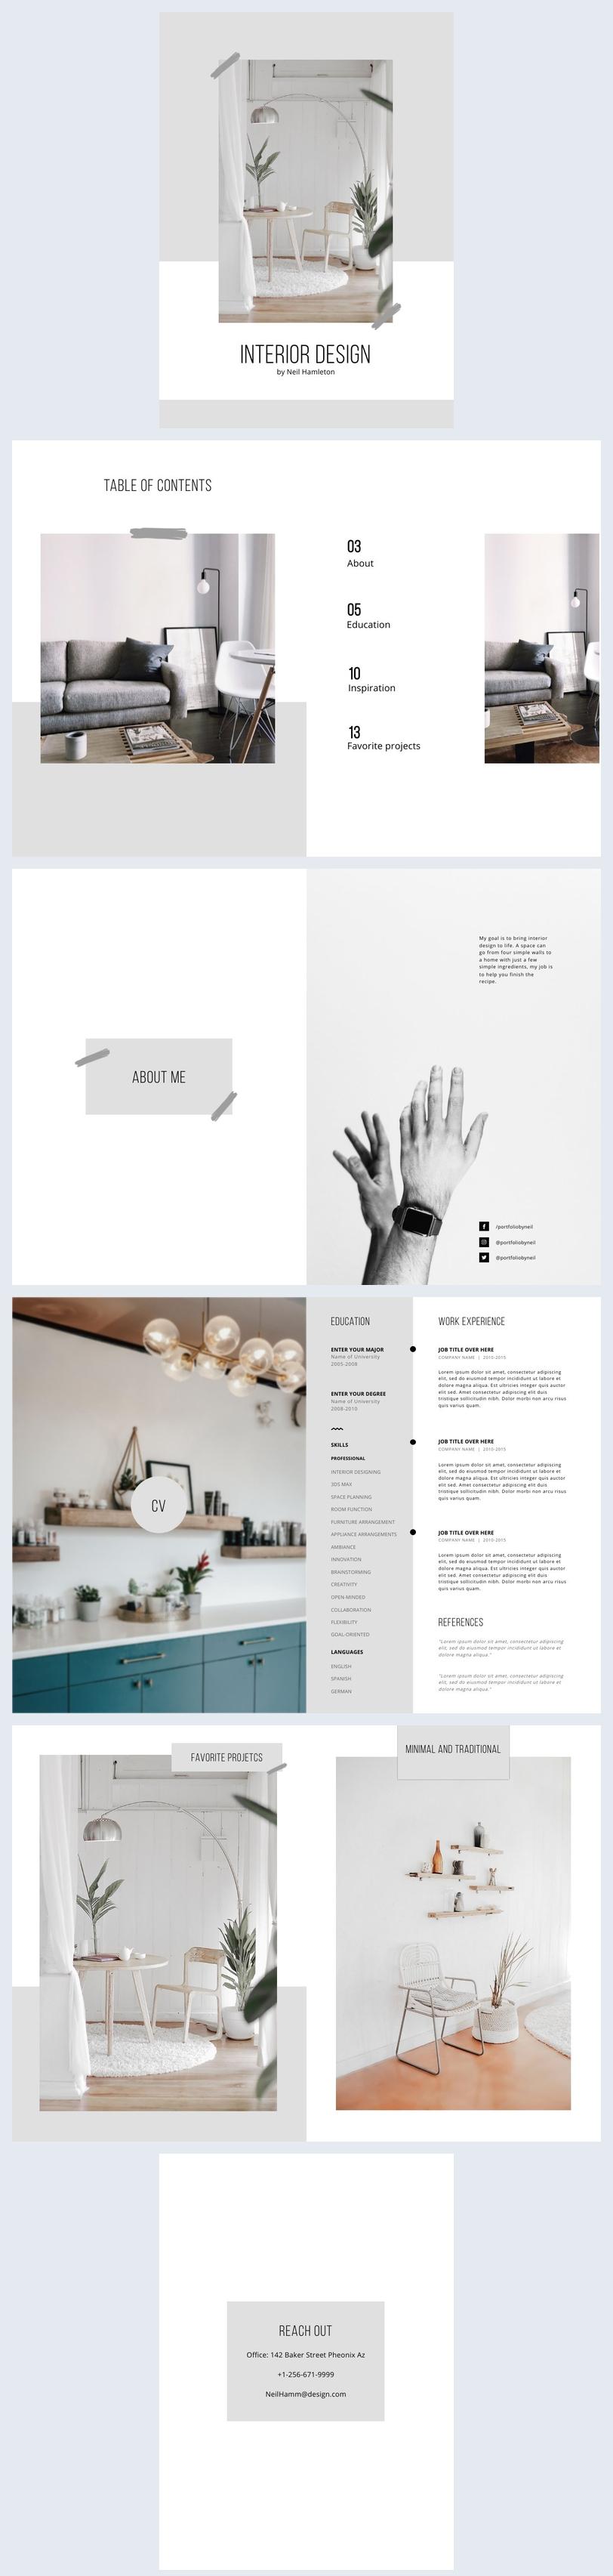 Modello per portfolio di interior design